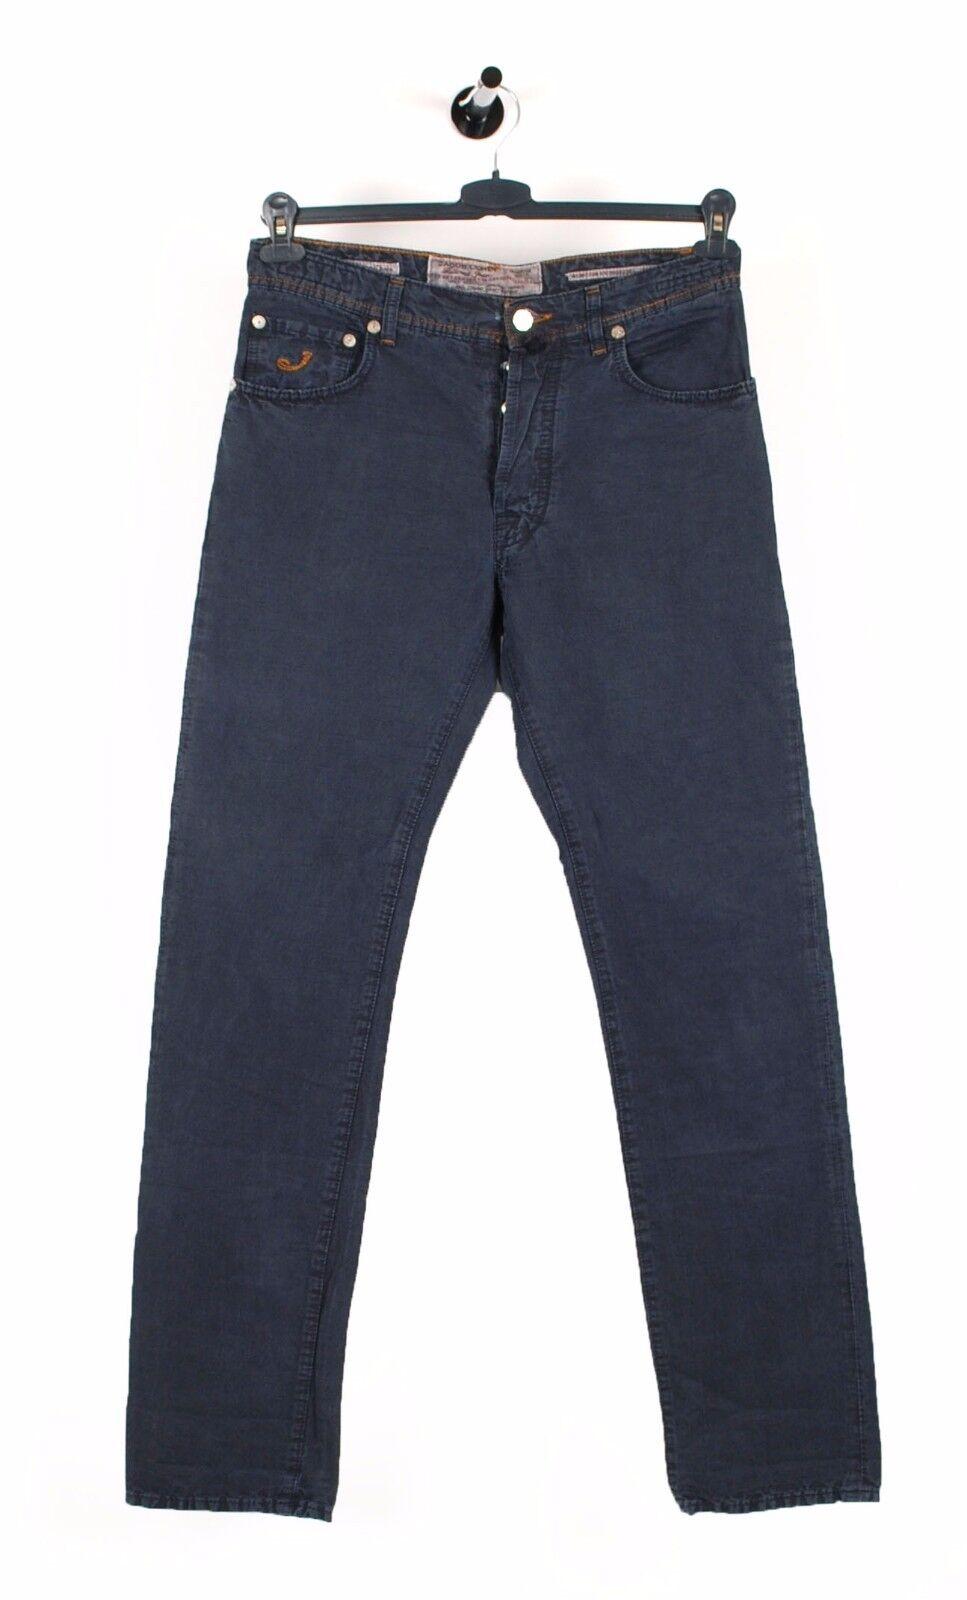 Jacob Cohen J610 Selten Luxus Denim Blau Herren Hose Jeans in Größe W32